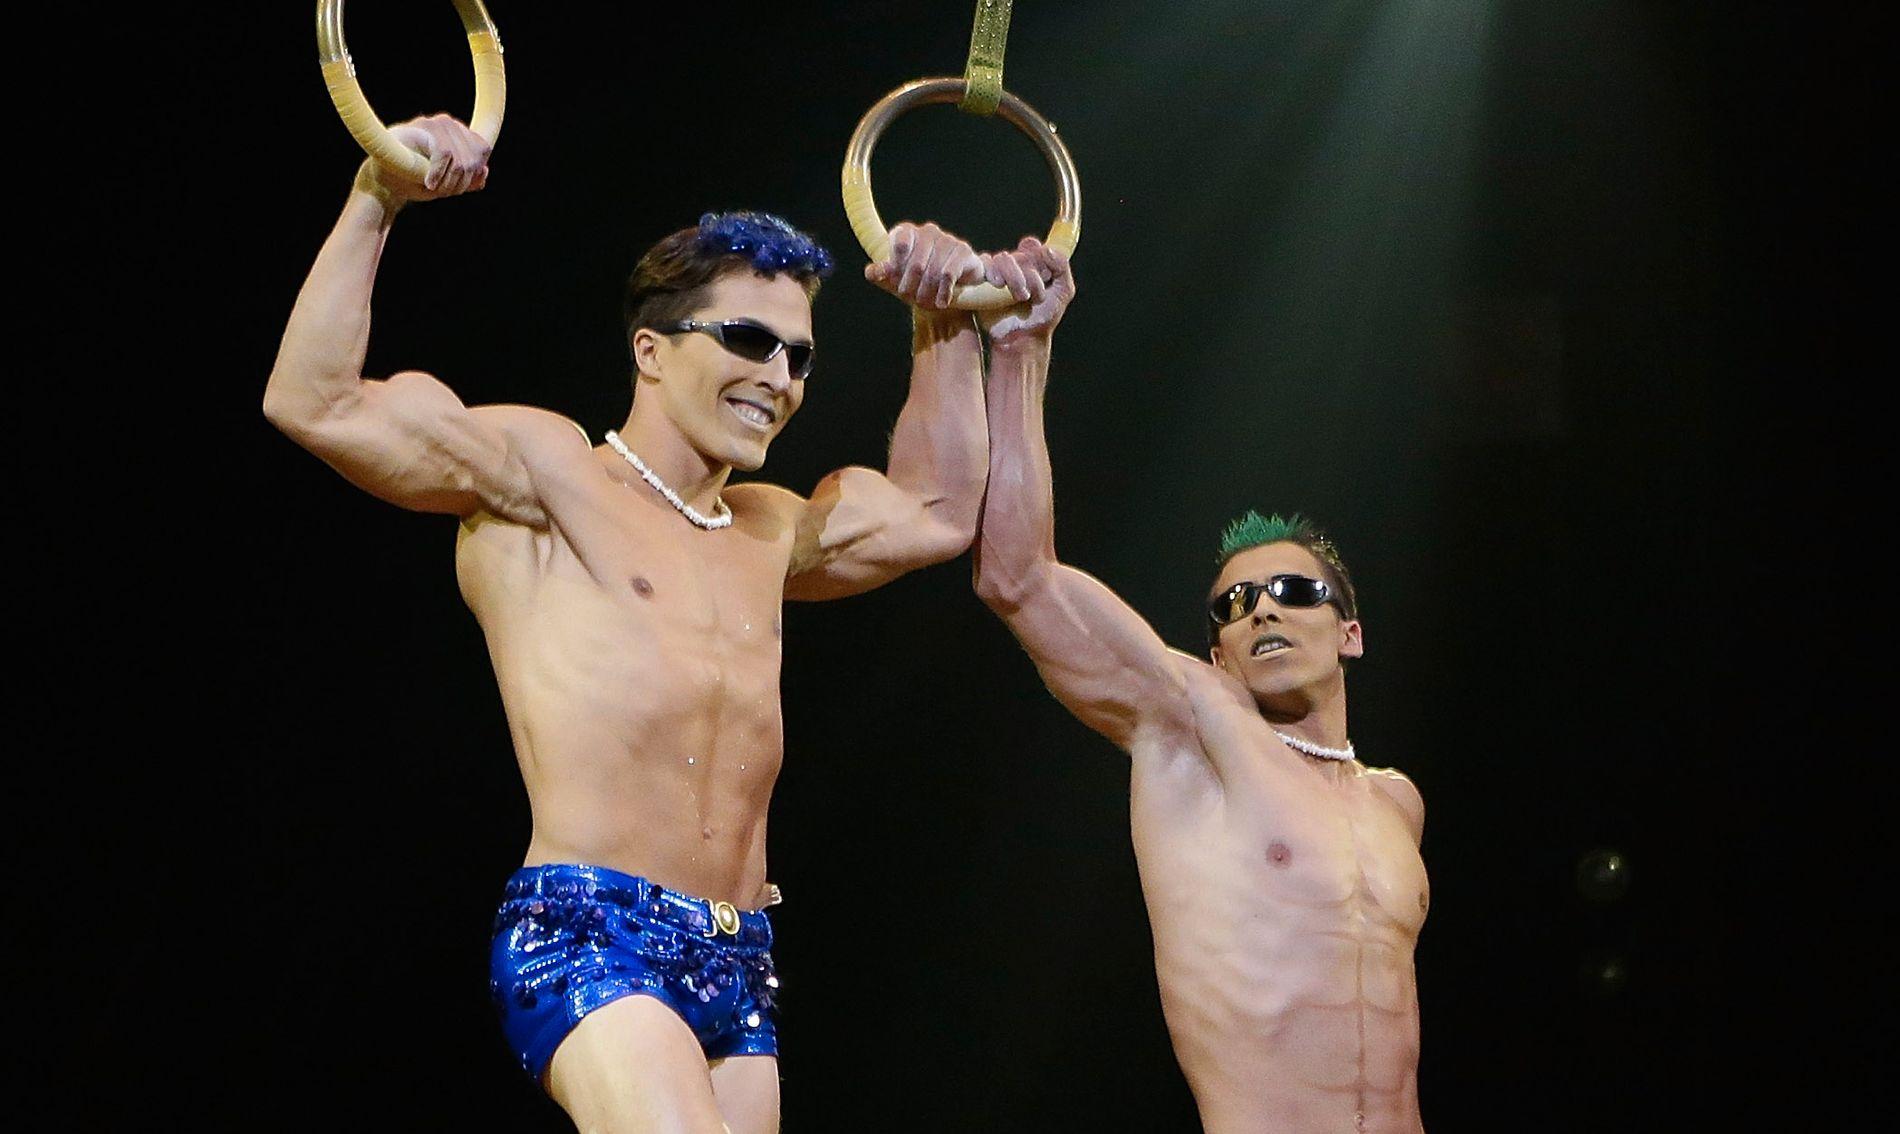 SIRKUS-STJERNE: Yann Arnaud,  (t.v) sammen med en annen av sirkusets artister, GoelOuisse, under en opptreden i New York  i 2013